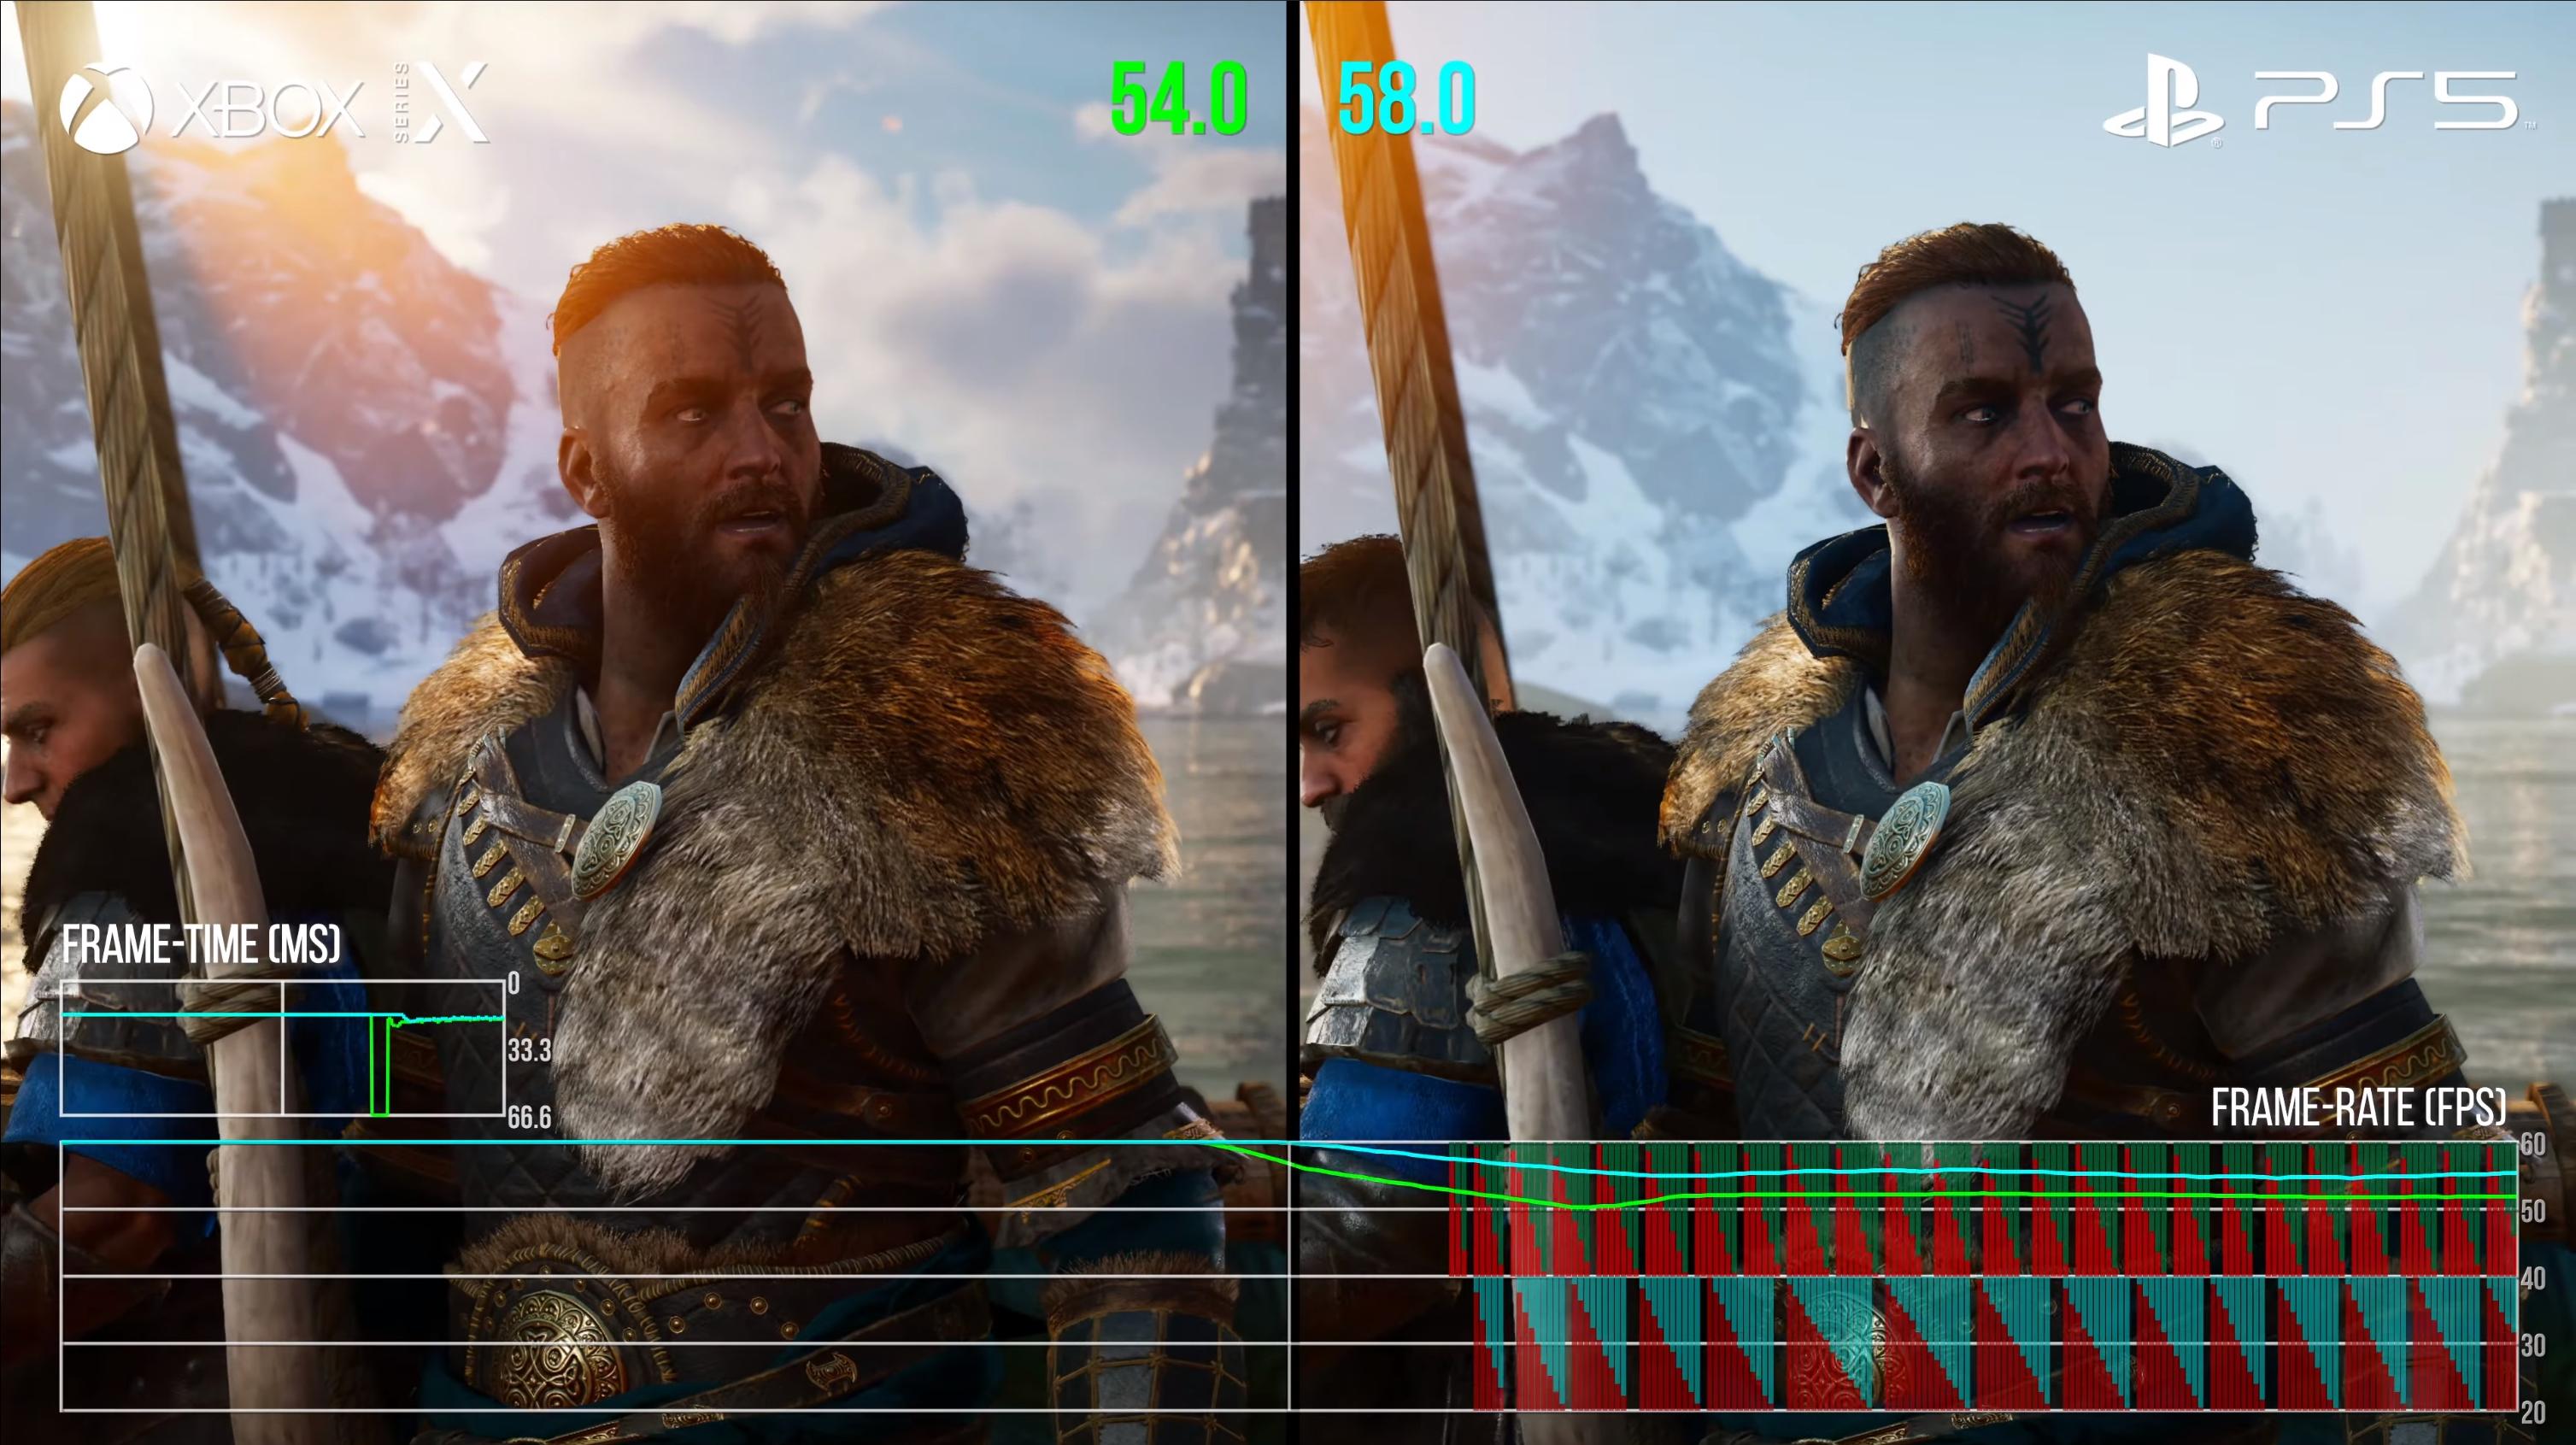 Comparacao De Ac Valhalla Veja Diferencas Entre Ps5 E Xbox Series X S Voxel